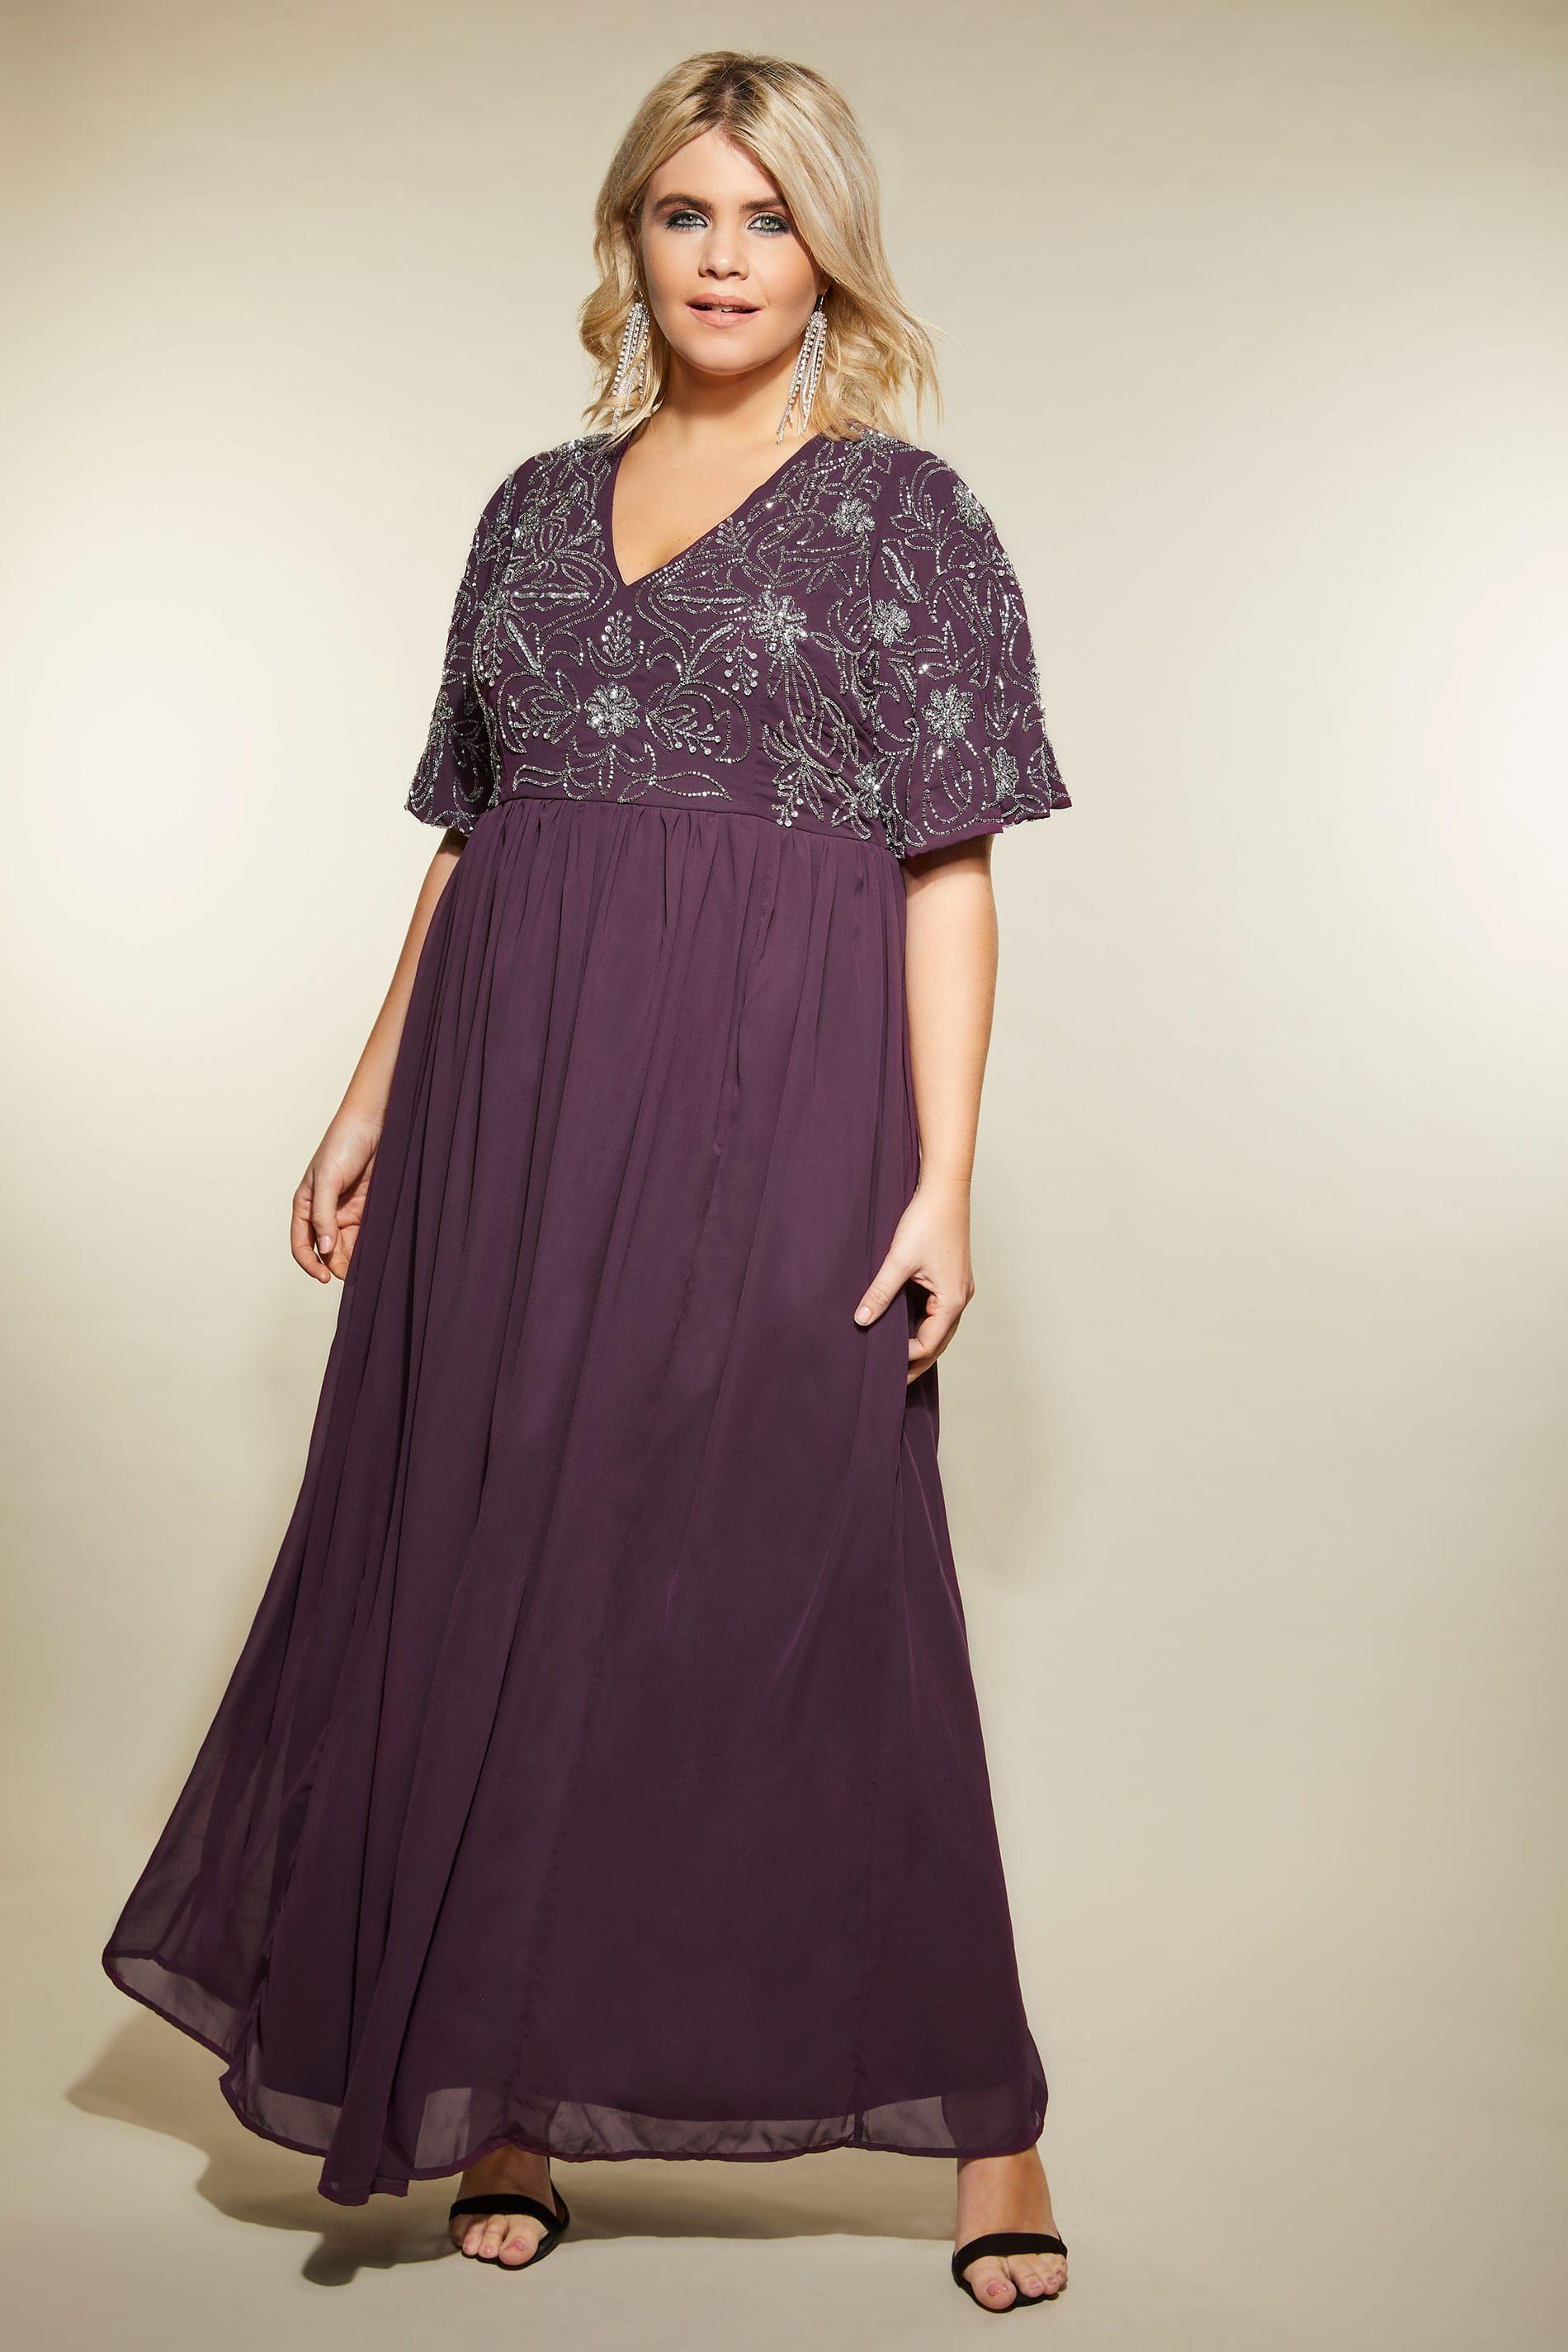 1d564a2b5aeb Asos Kate Lace Midi Dress Size 10 – DACC